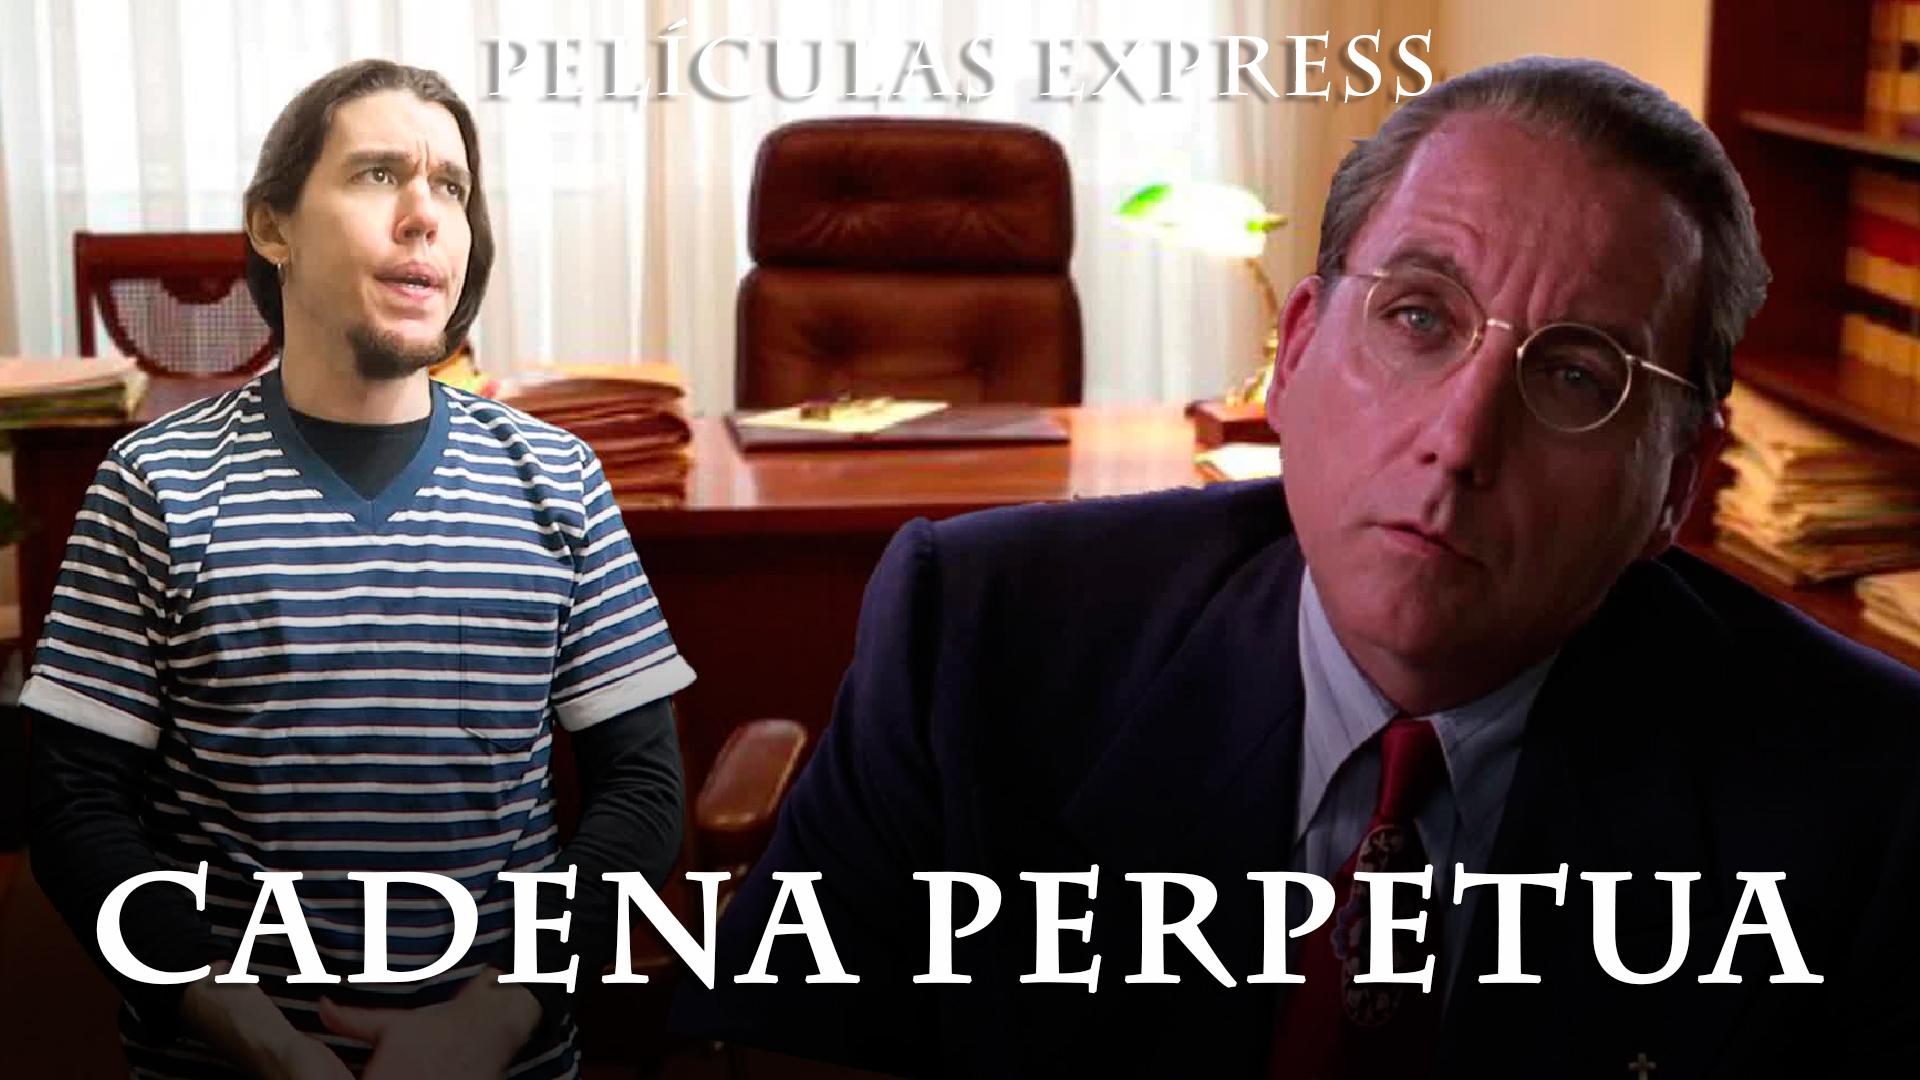 Temporada 1 Cadena Perpetua en 30 segundos